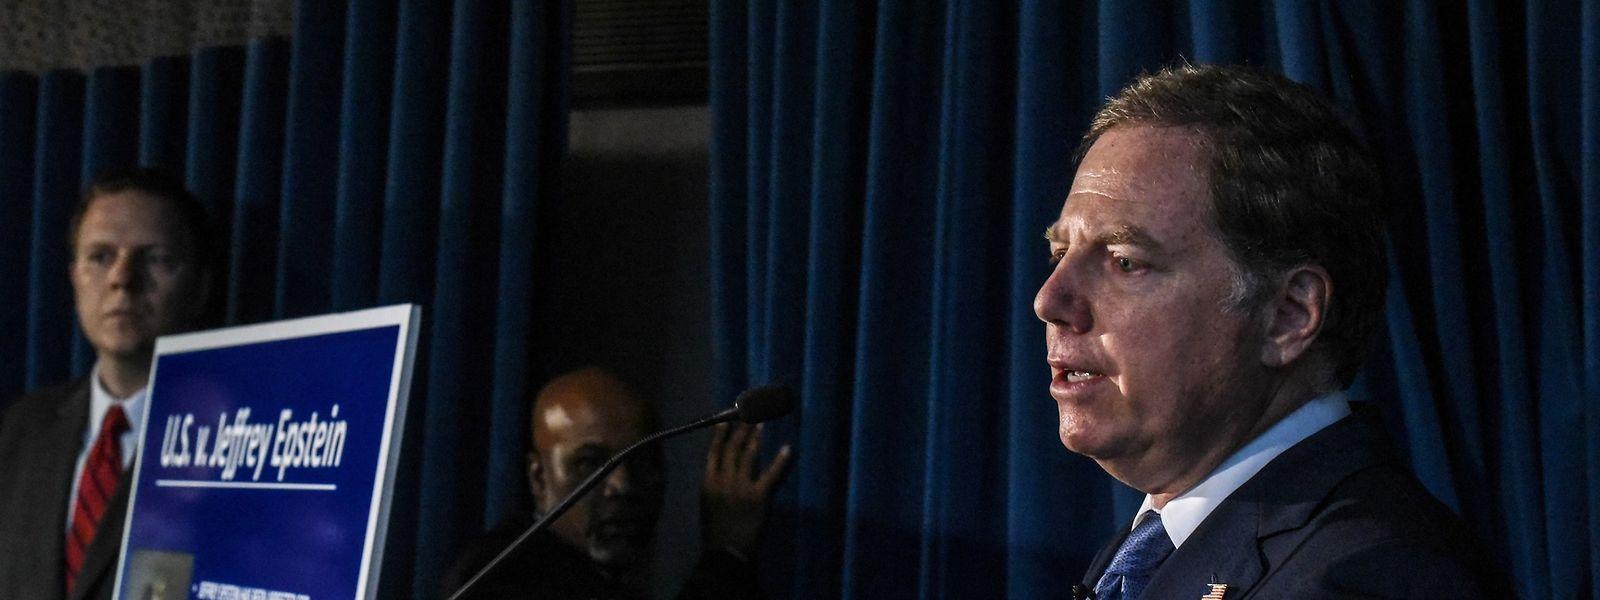 Der Staatsanwalt des Southern District of New York Geoffrey Berman spricht bei einer Pressekonferenz über die schwerwiegenden Vorwürfe gegen Jeffrey Epstein.